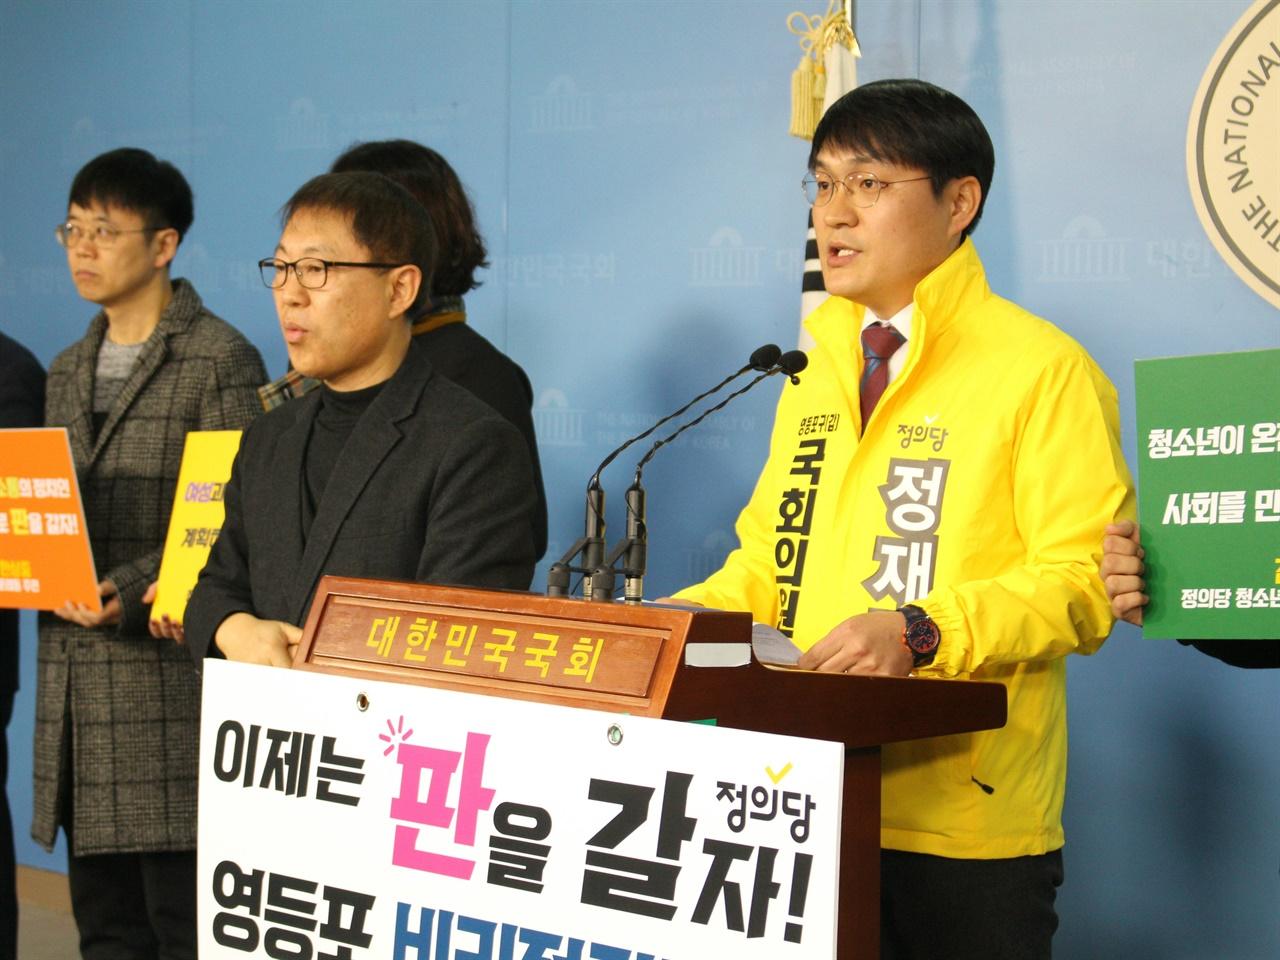 정재민 정의당 영등포갑 국회의원 예비후보가 20일 국회정론관에서 총선 출마를 선언하고 있다.